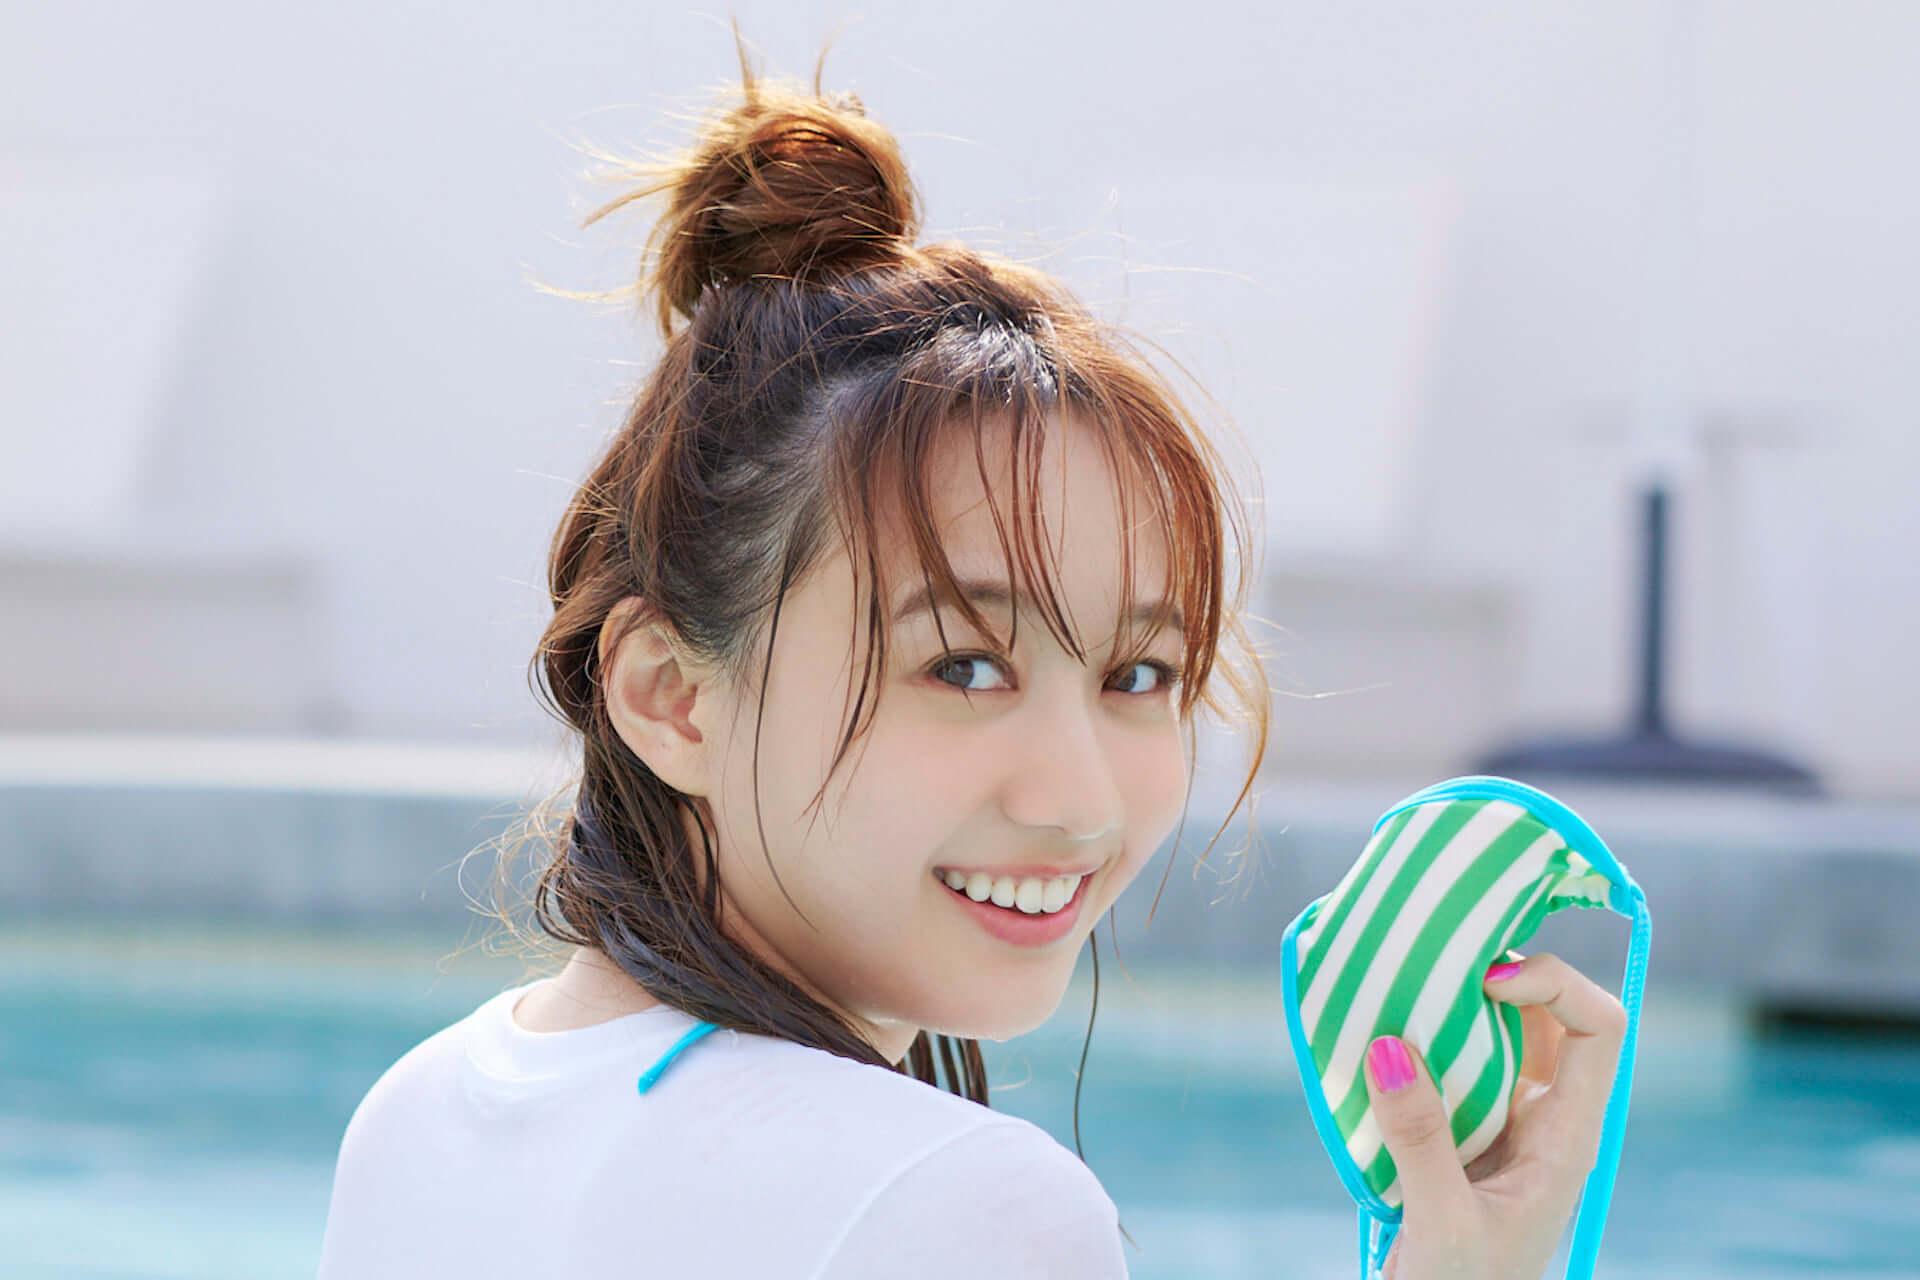 高田秋1st写真集发售决定 还收录了性感泳装照